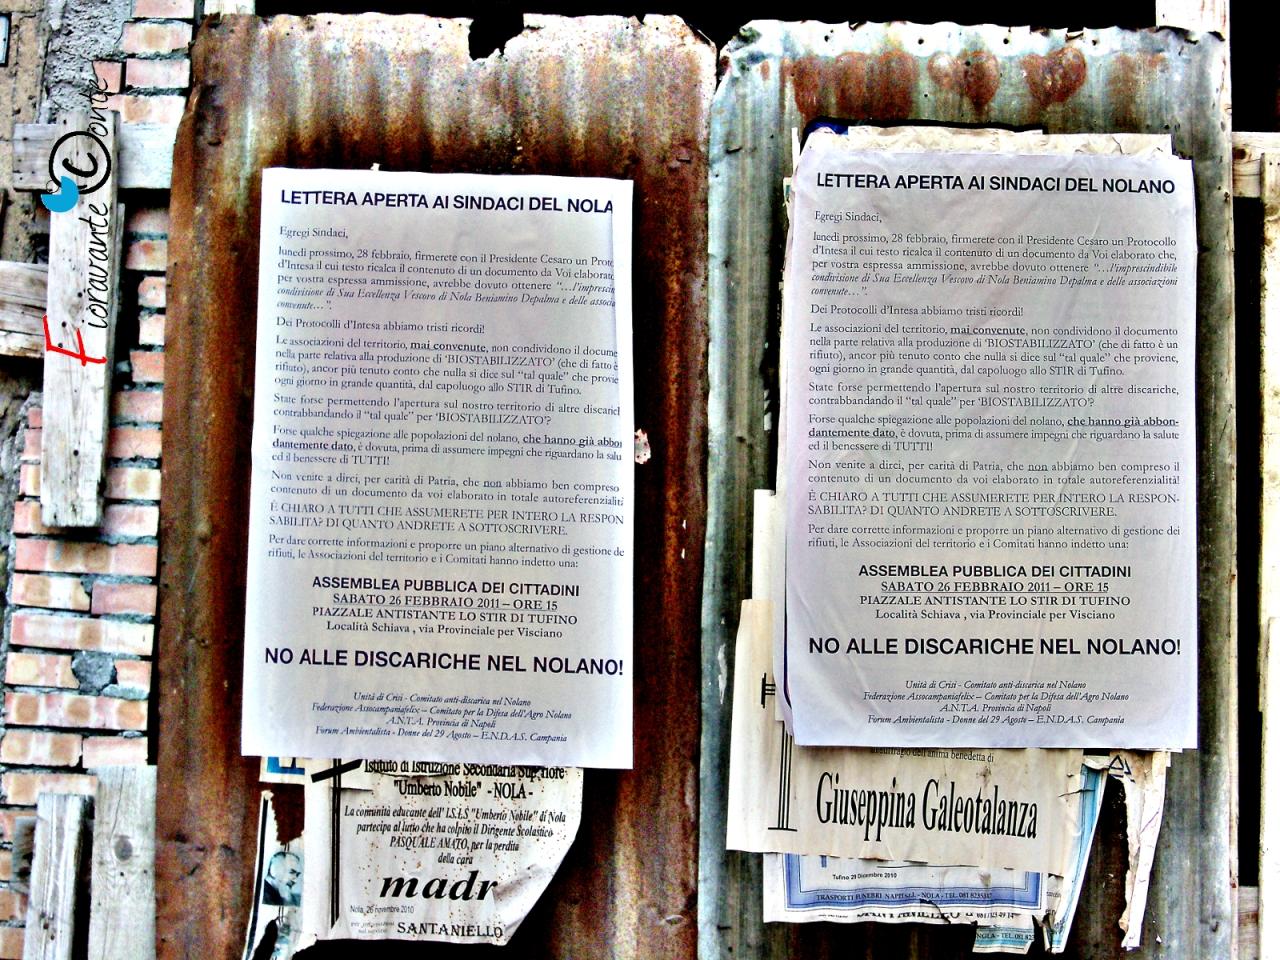 Assemblea pubblica No discarica nel Nolano